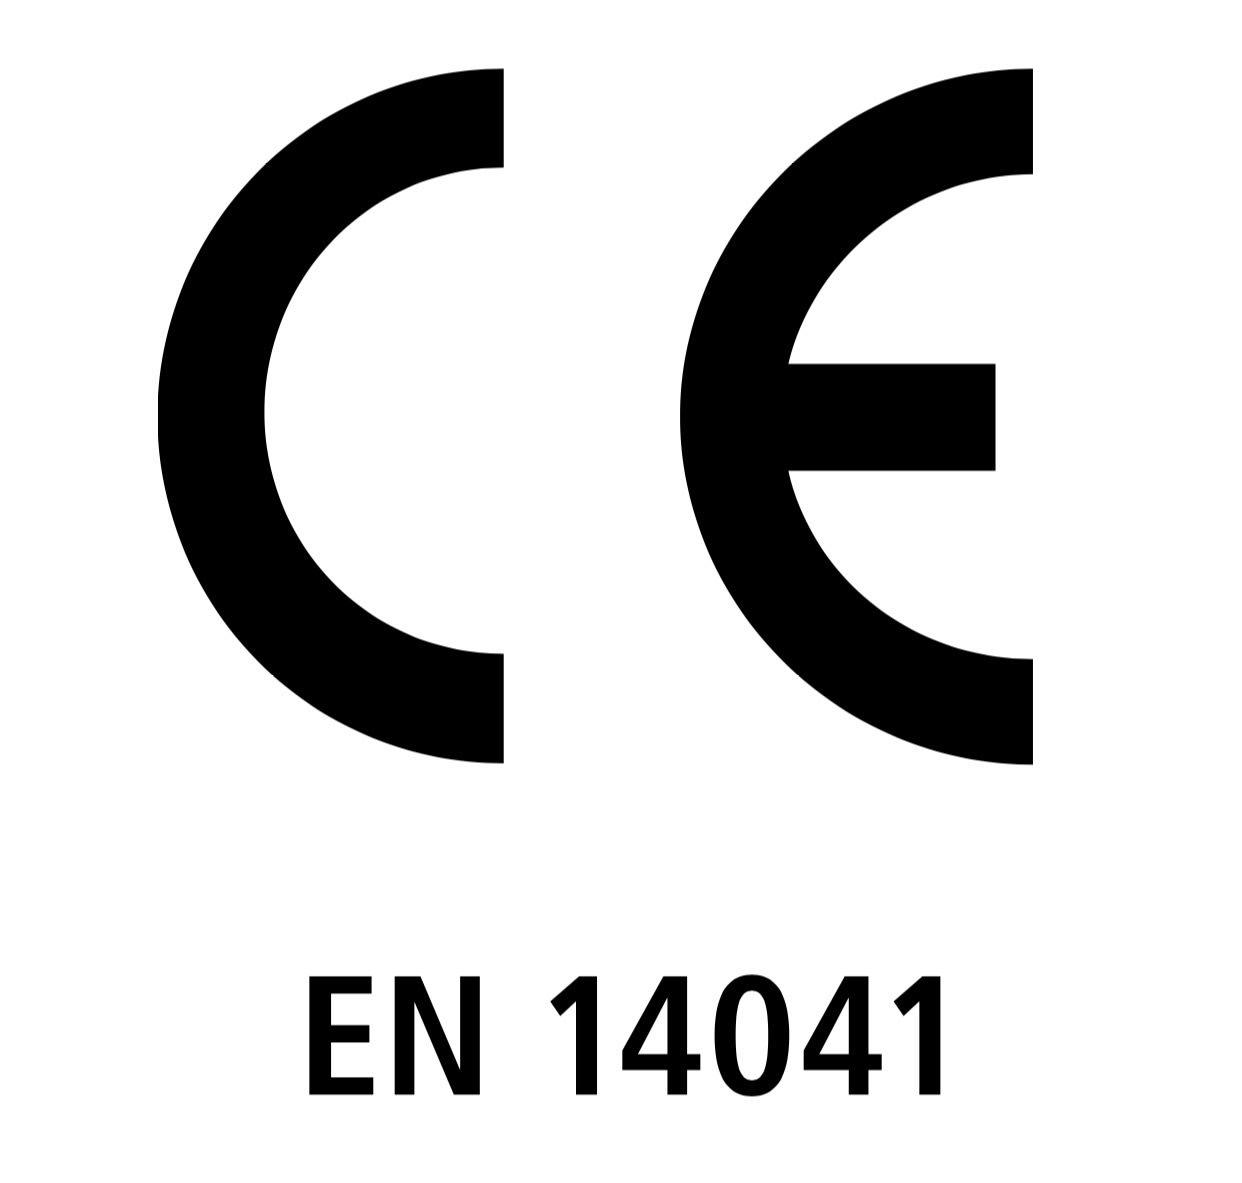 CE EN 14041